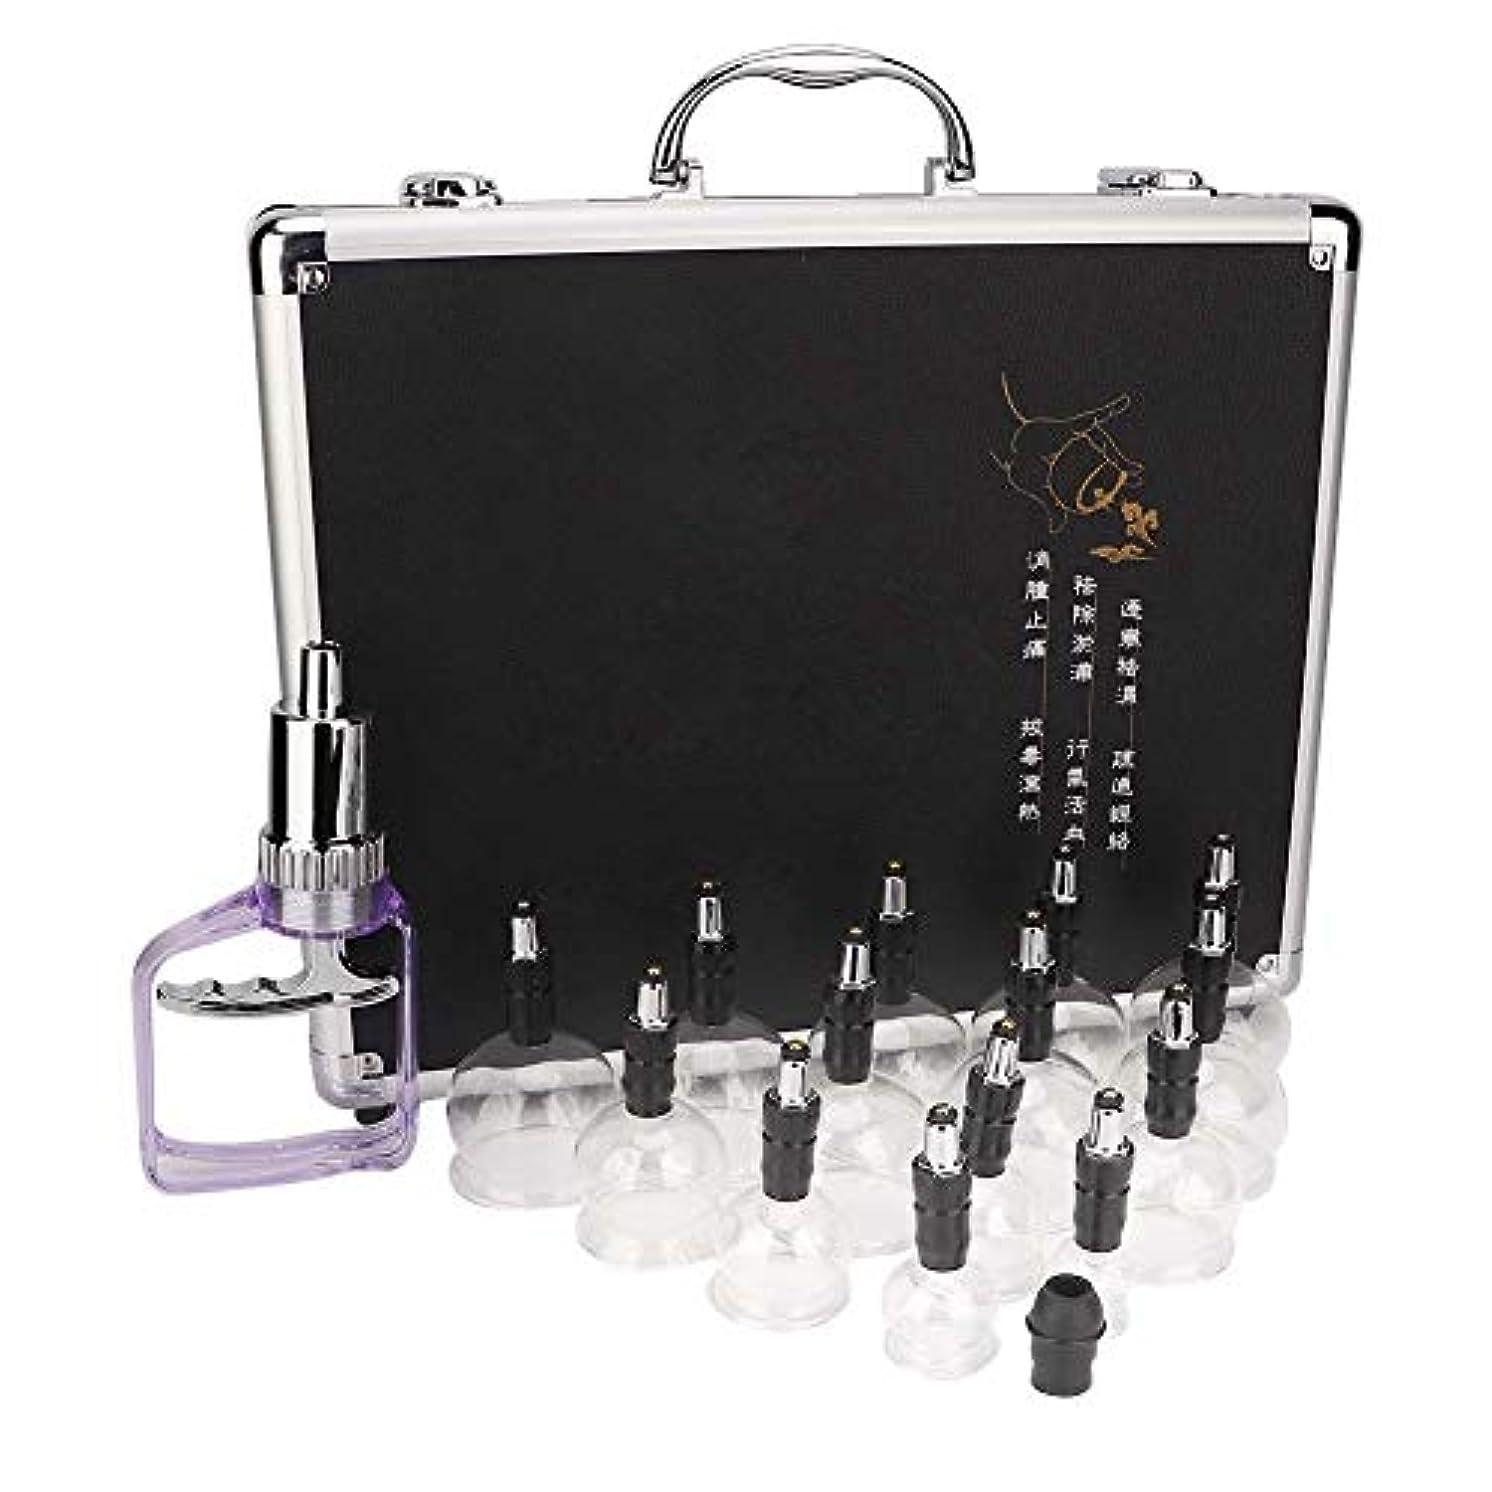 いつ鍔実証する14ピースプロフェッショナル吸引カップジャー真空カッピングセット、カッピングセットマッサージ療法マッサージカッピングツール